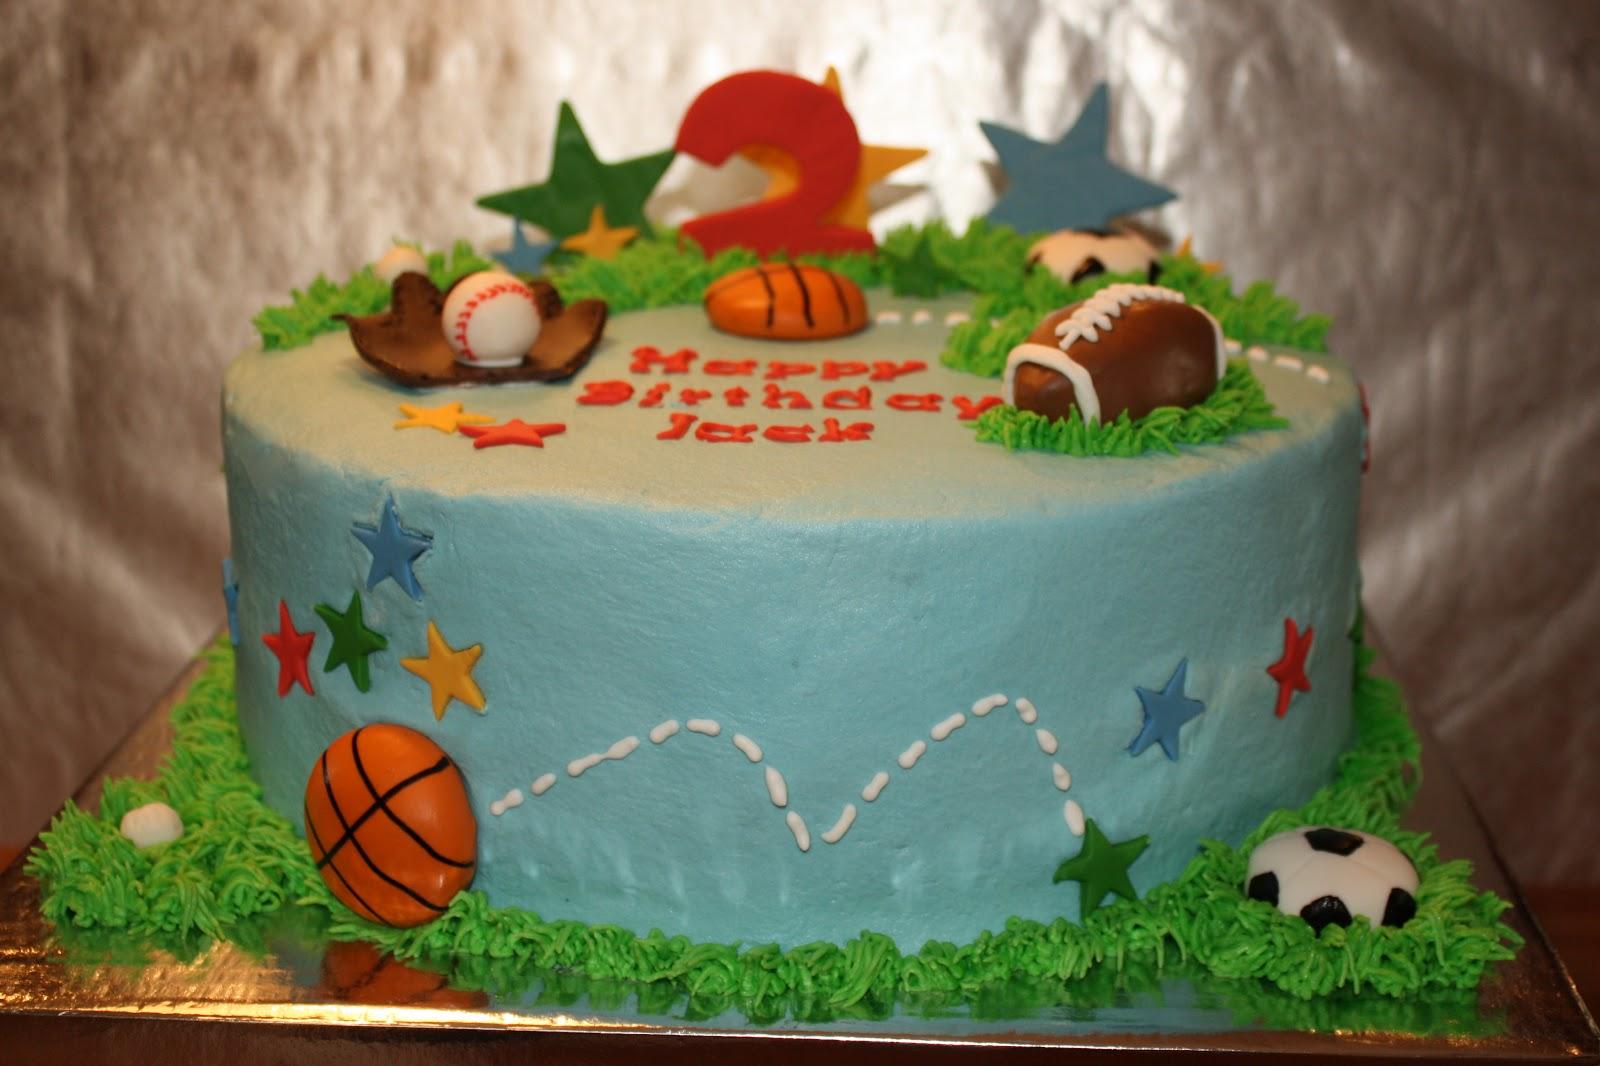 Kake AllStar Sports Cake - All star birthday cake